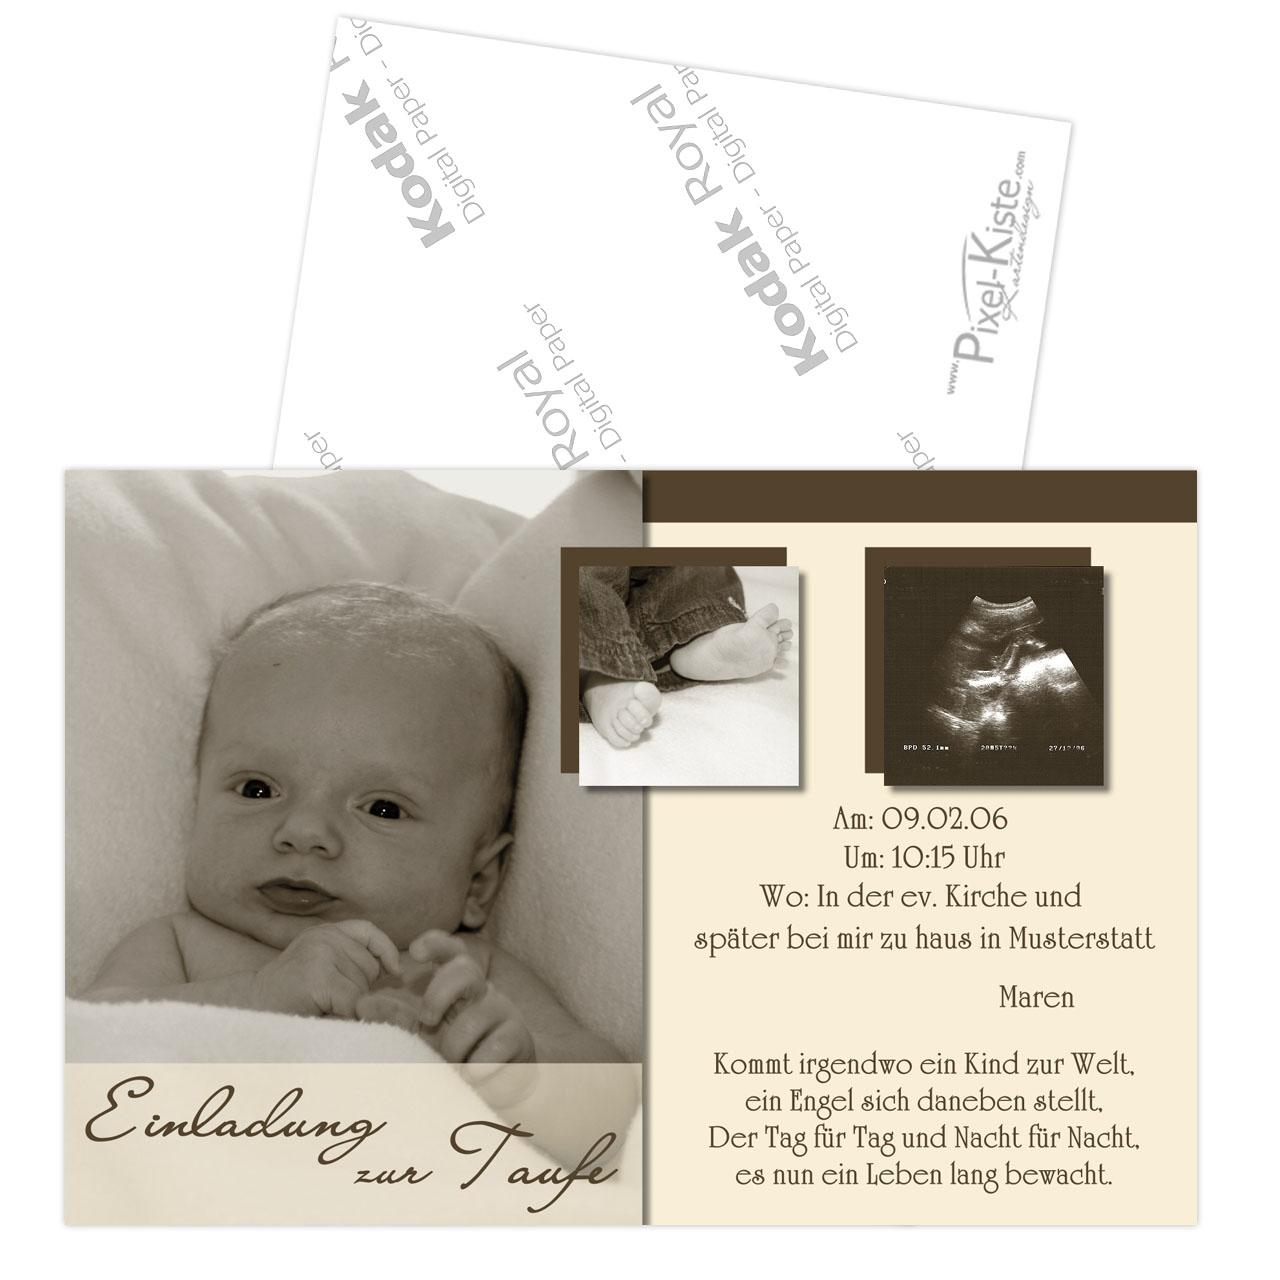 Einladungskarten Taufe Einladungskarten Taufe Zum: Einladungskarten Zur Taufe Oder Namensweihe Mit Foto